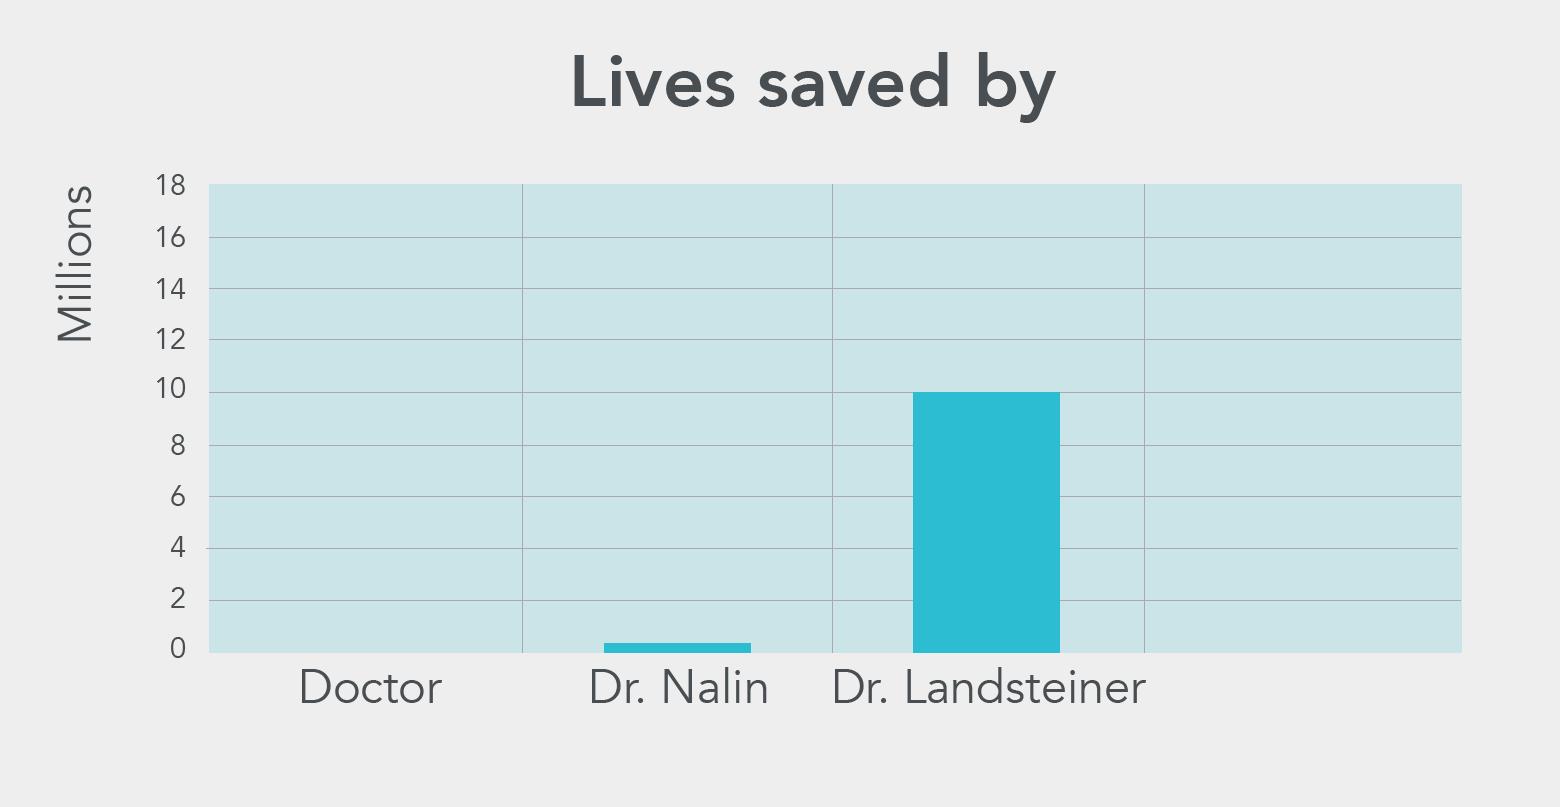 Lives saved by Dr. Landsteiner